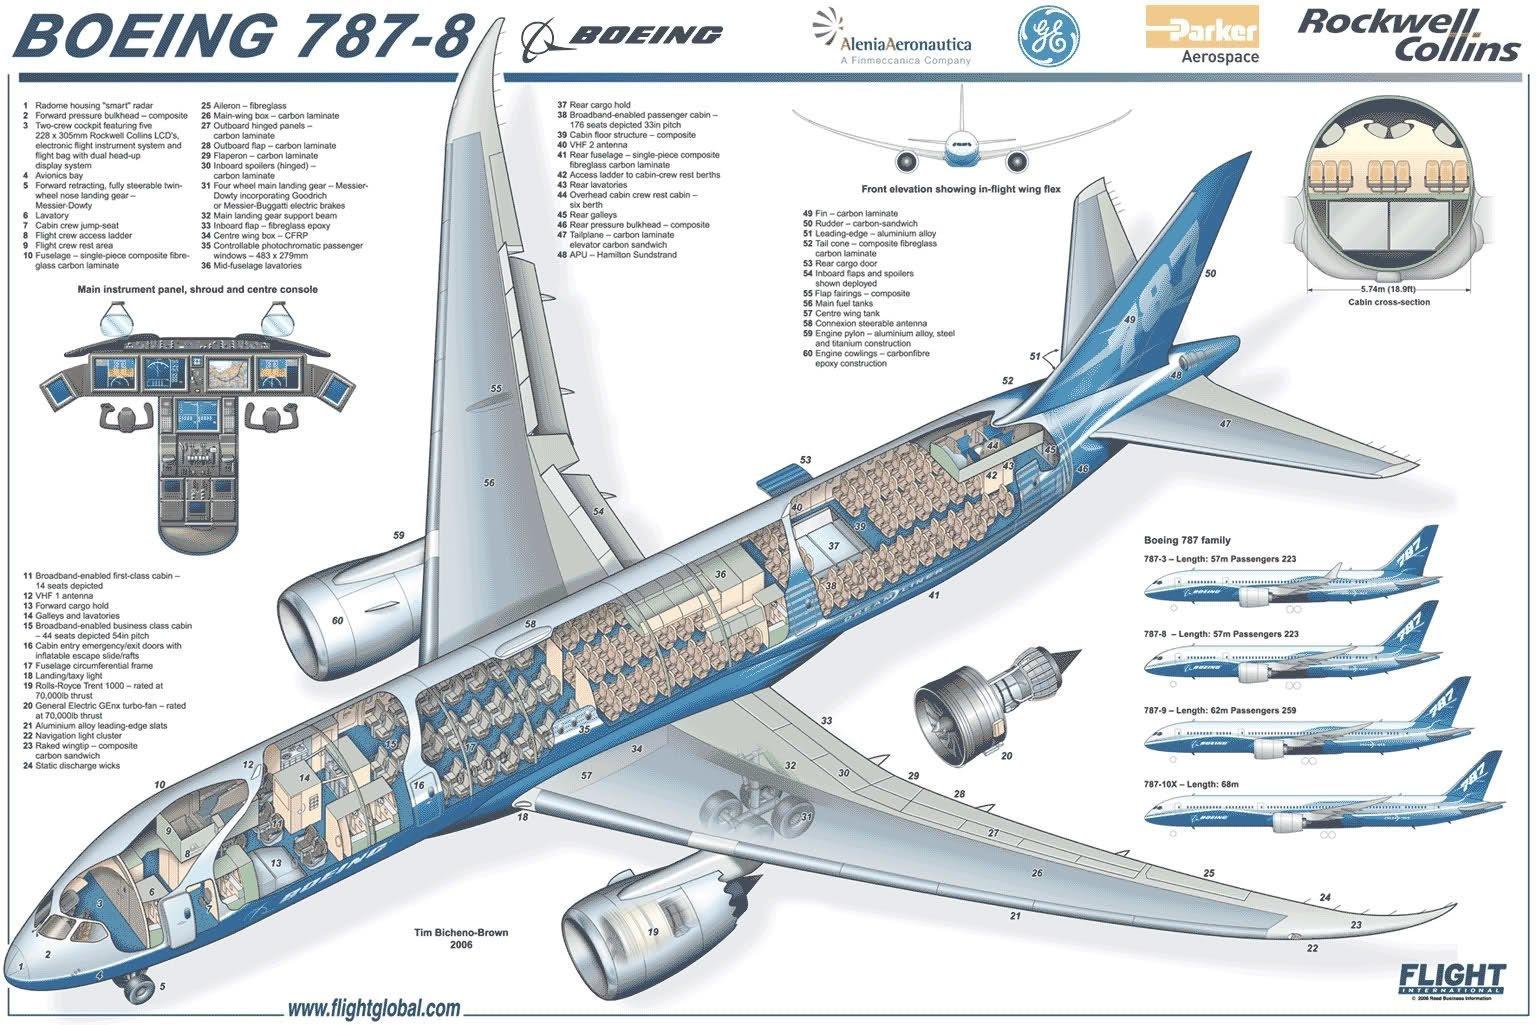 Боинг 787 изнутри, интересно, как это сделано, познавательно, разрез